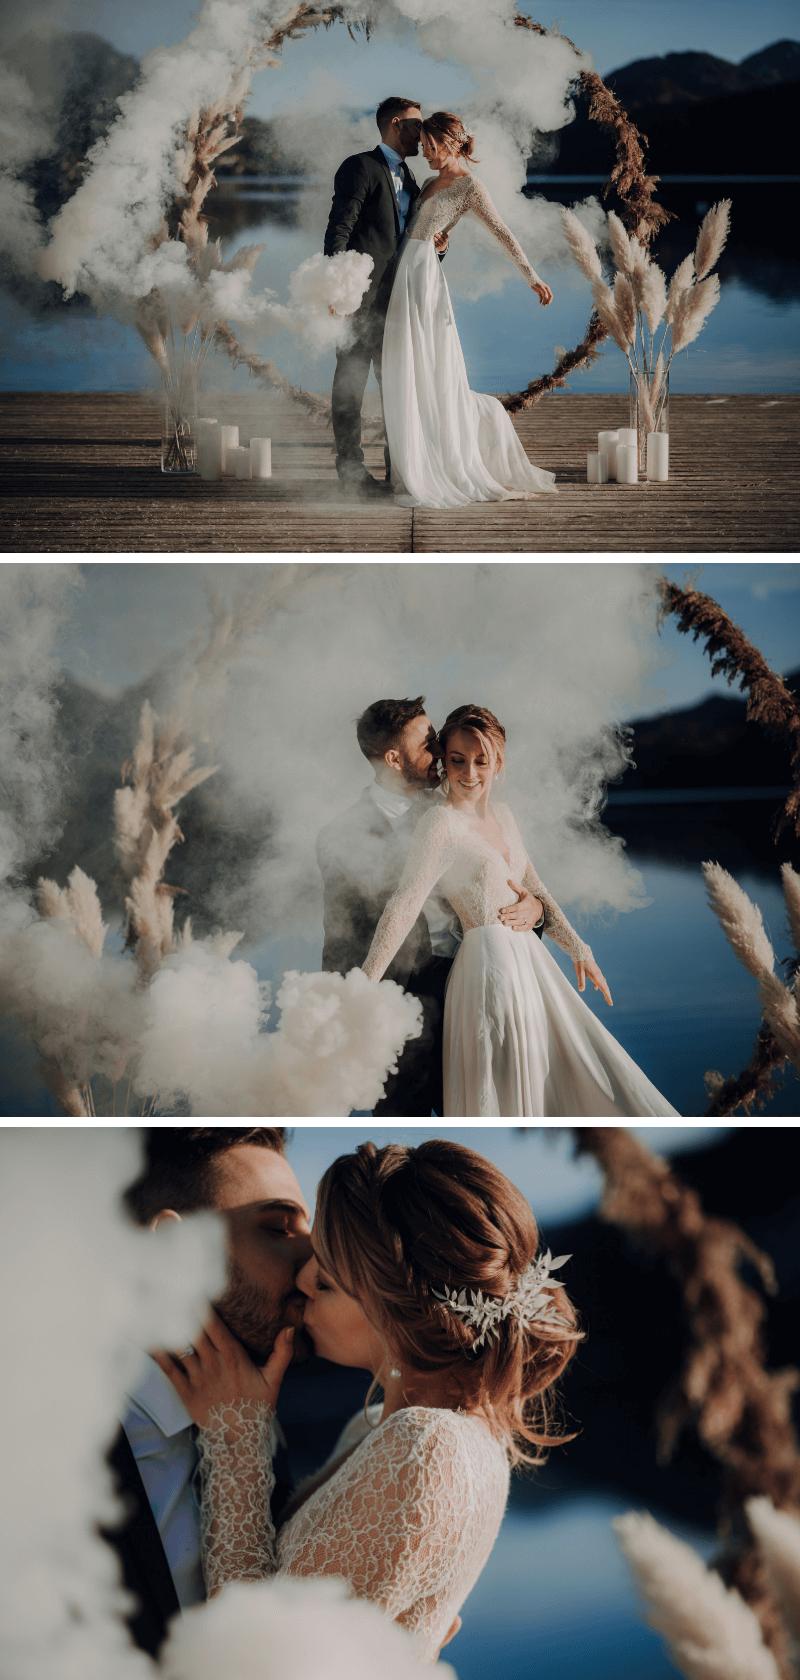 Hochzeitsfotos Rauchdosen, Brautpaar Fotos Ideen